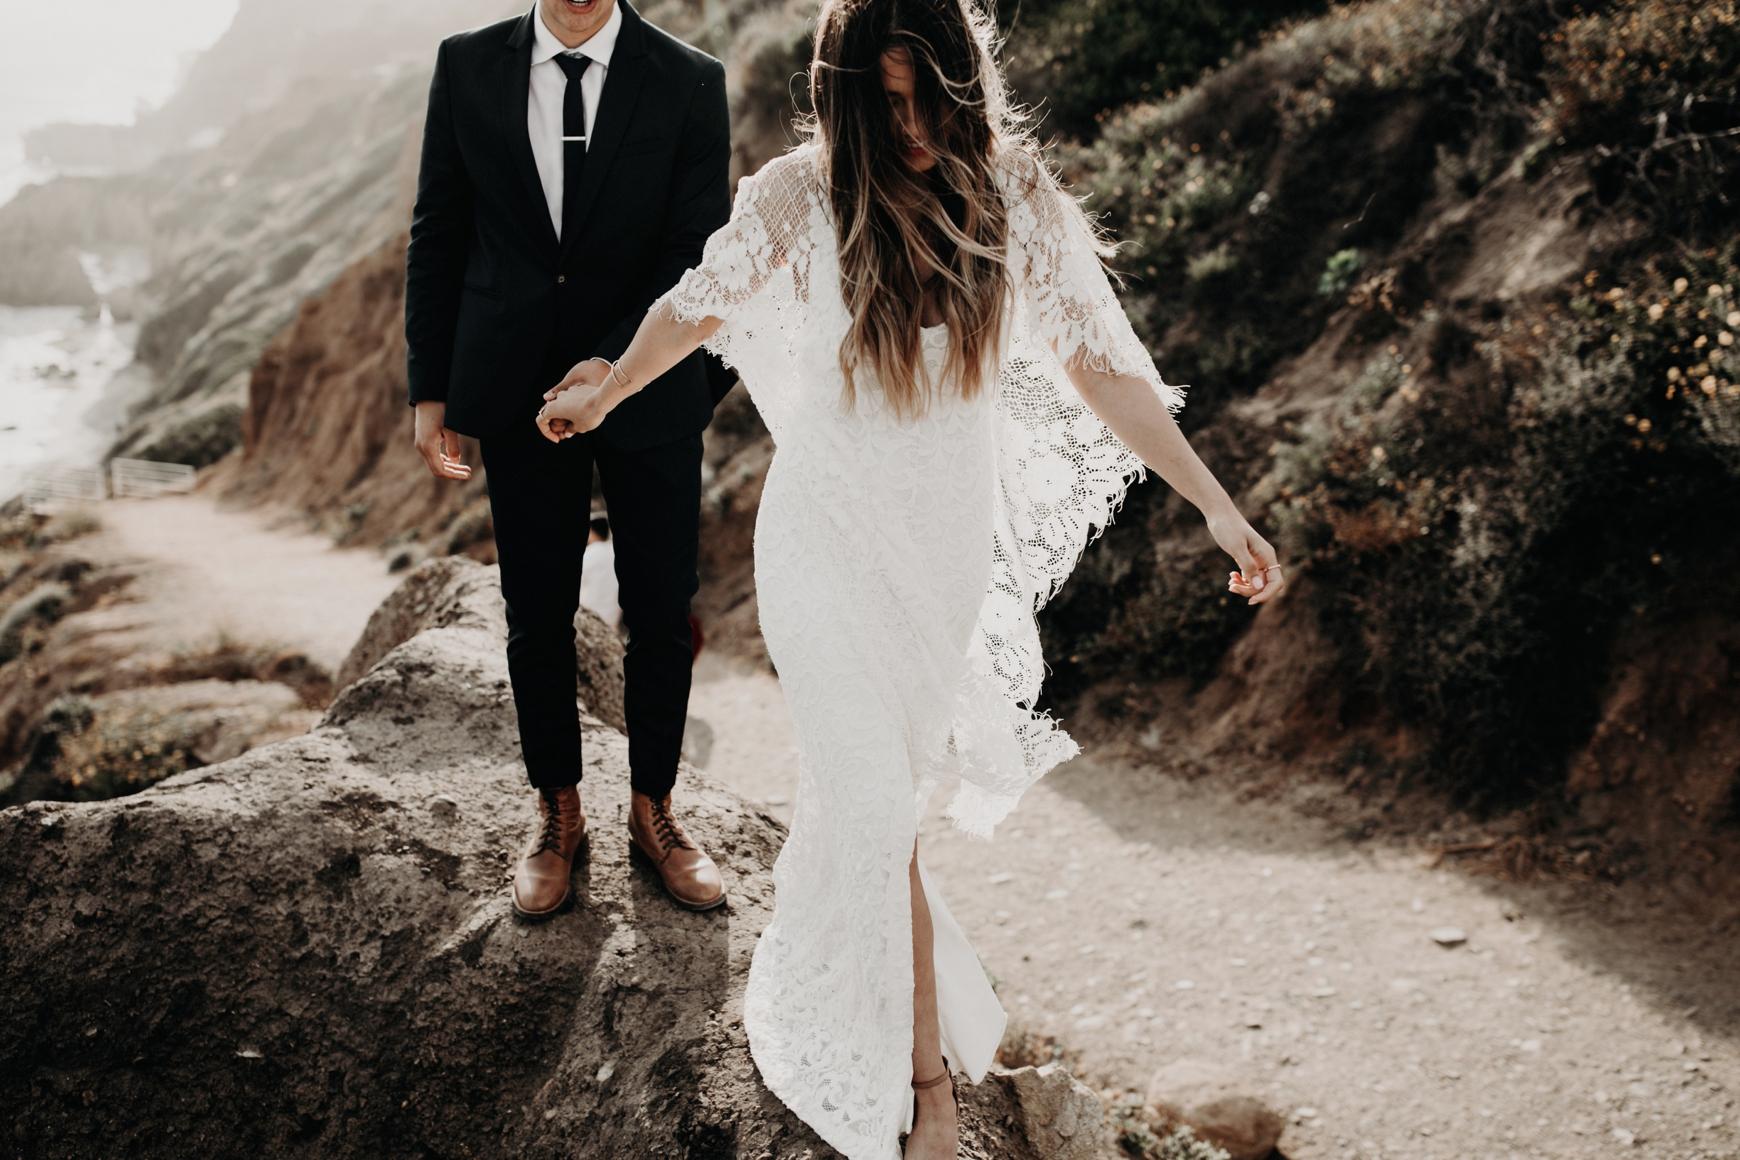 El Matador Beach Bridal Portraits Justellen & TJ Emily Magers Photography-81Emily Magers Photography.jpg